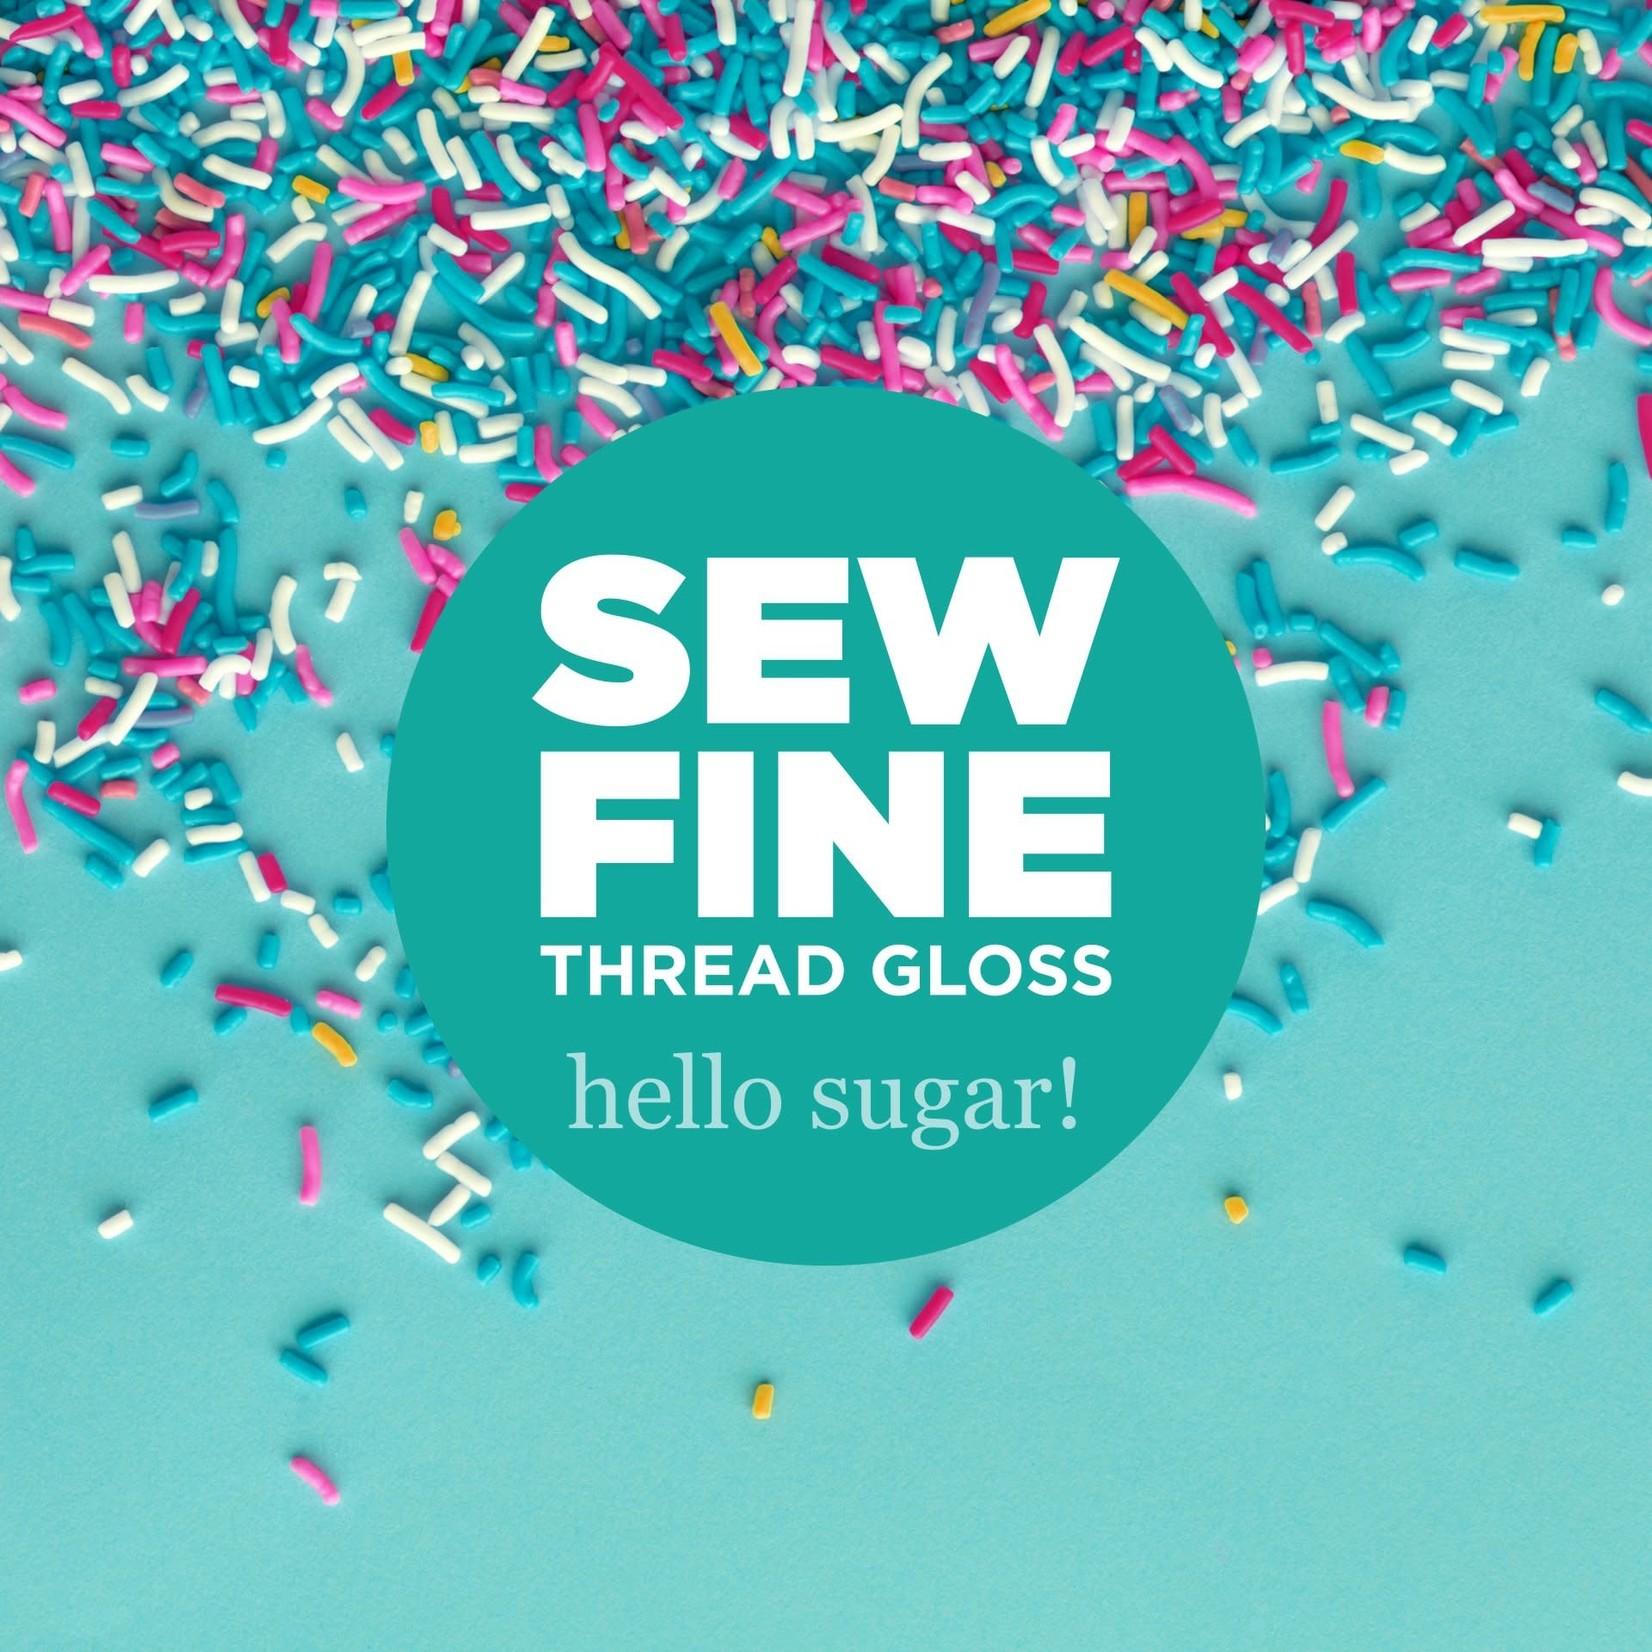 Sew Fine Sew Fine Thread Gloss: Hello Sugar! 0.5 oz